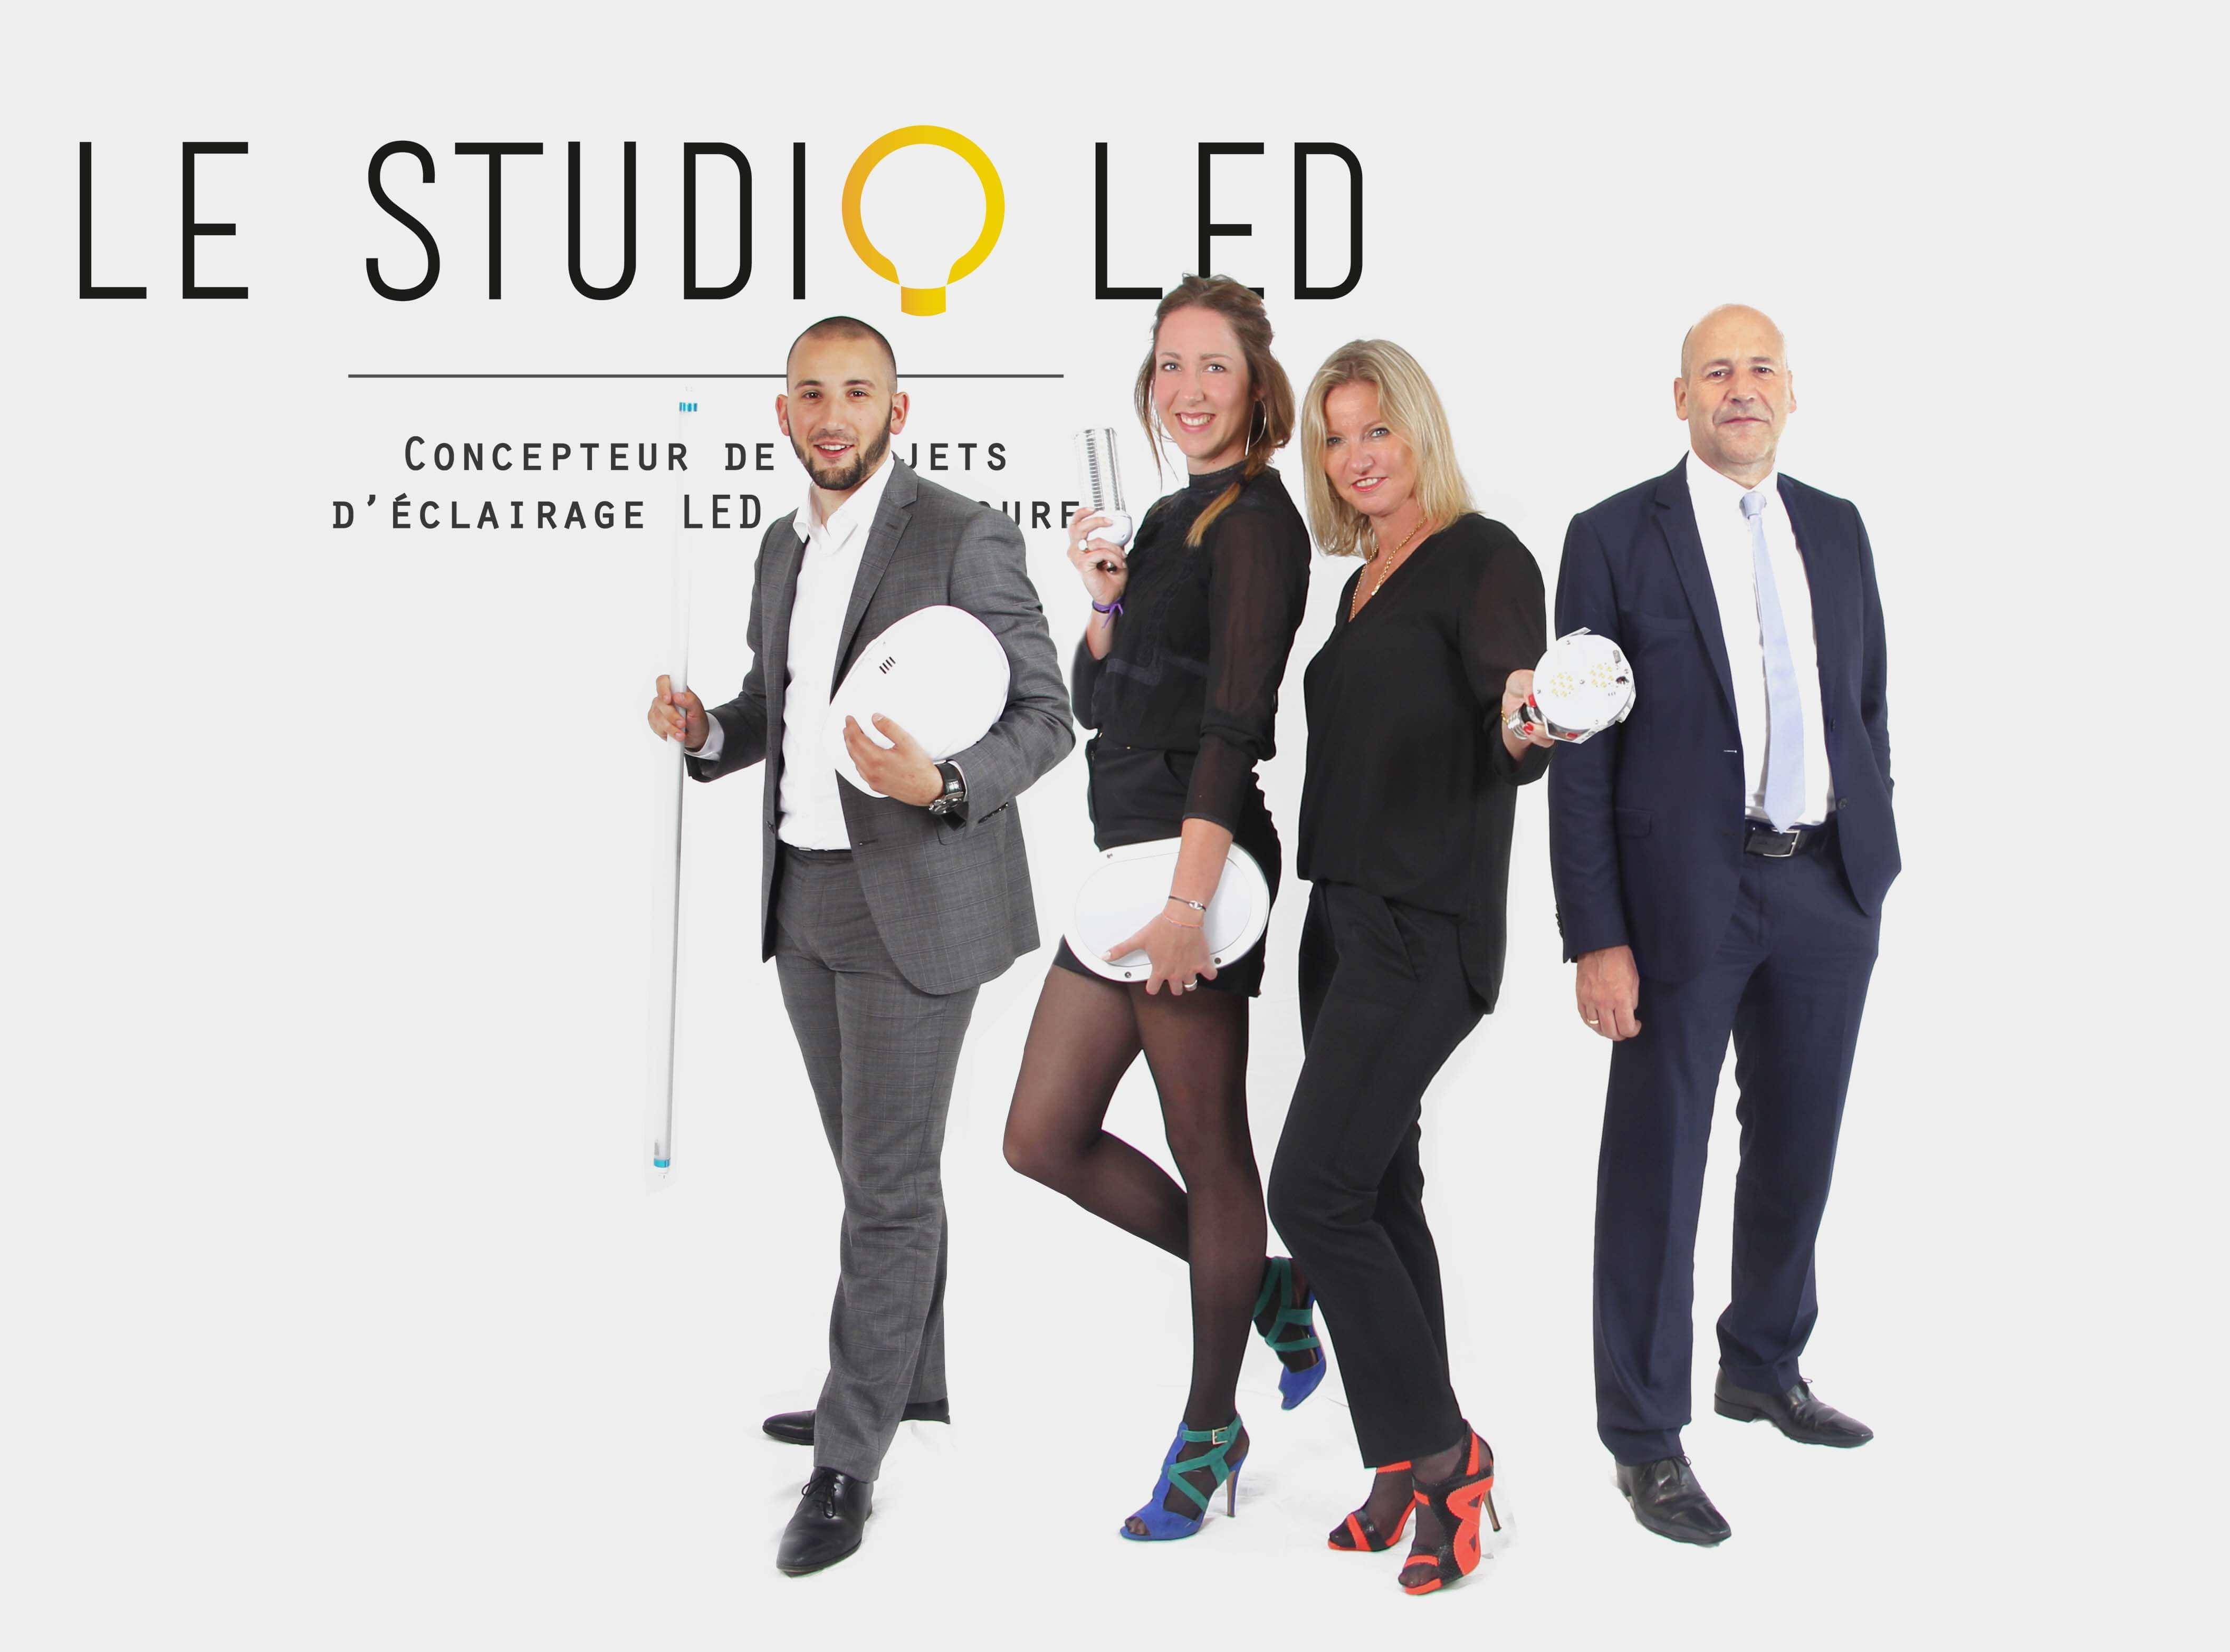 Le studio led_QUI SOMMES NOUS_TOUS2